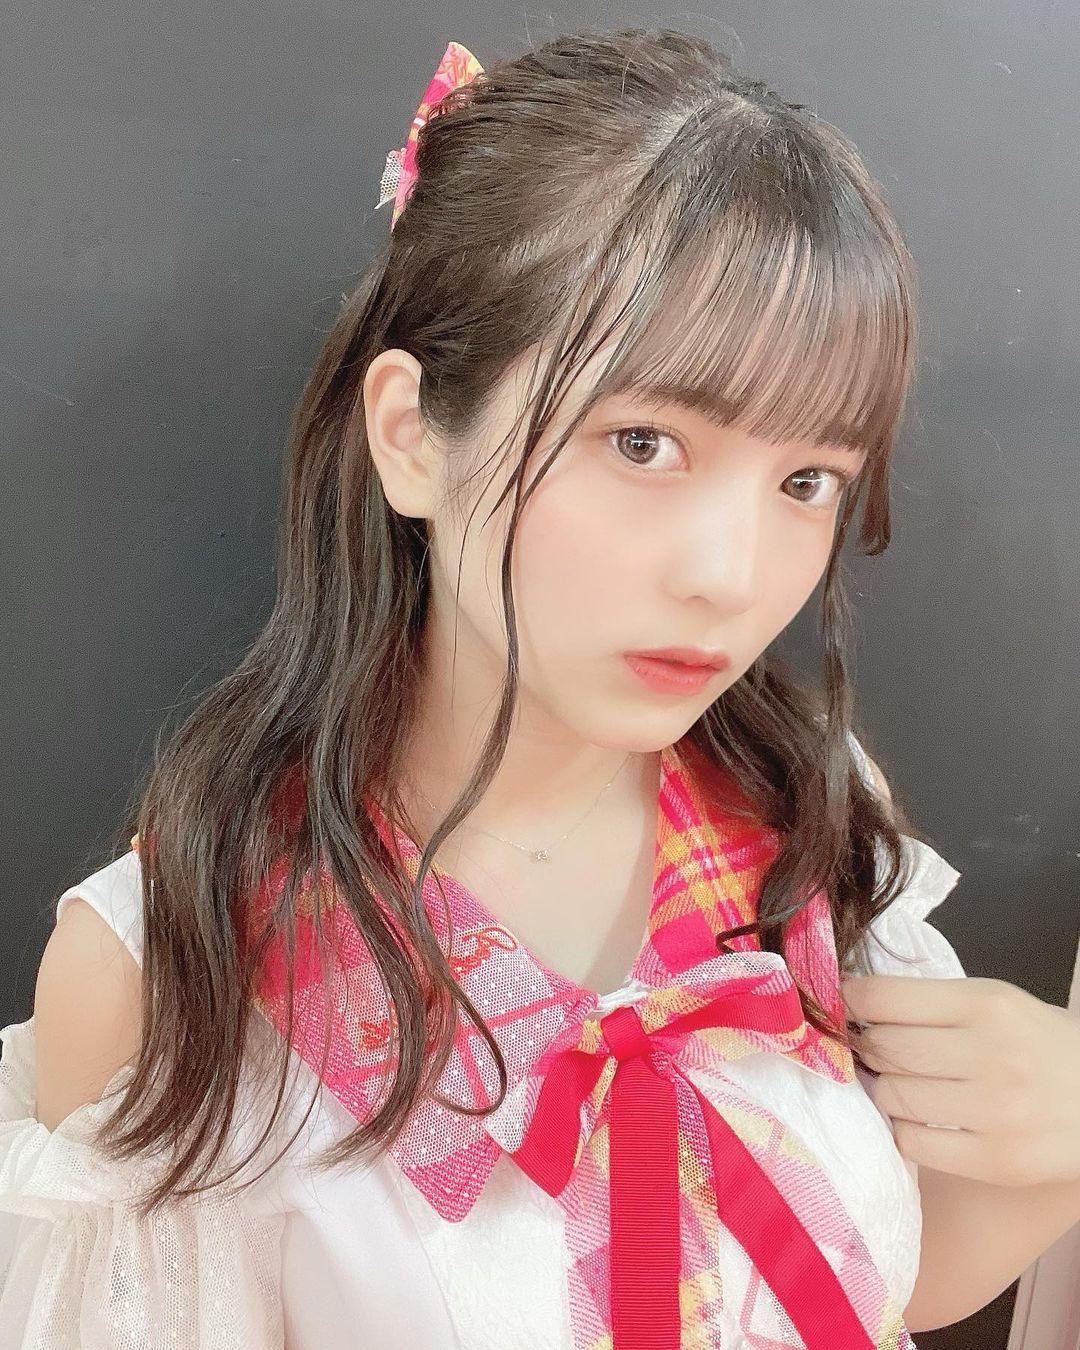 青春妹子无限18岁黑嵜菜菜子长得可爱 网络美女 第3张